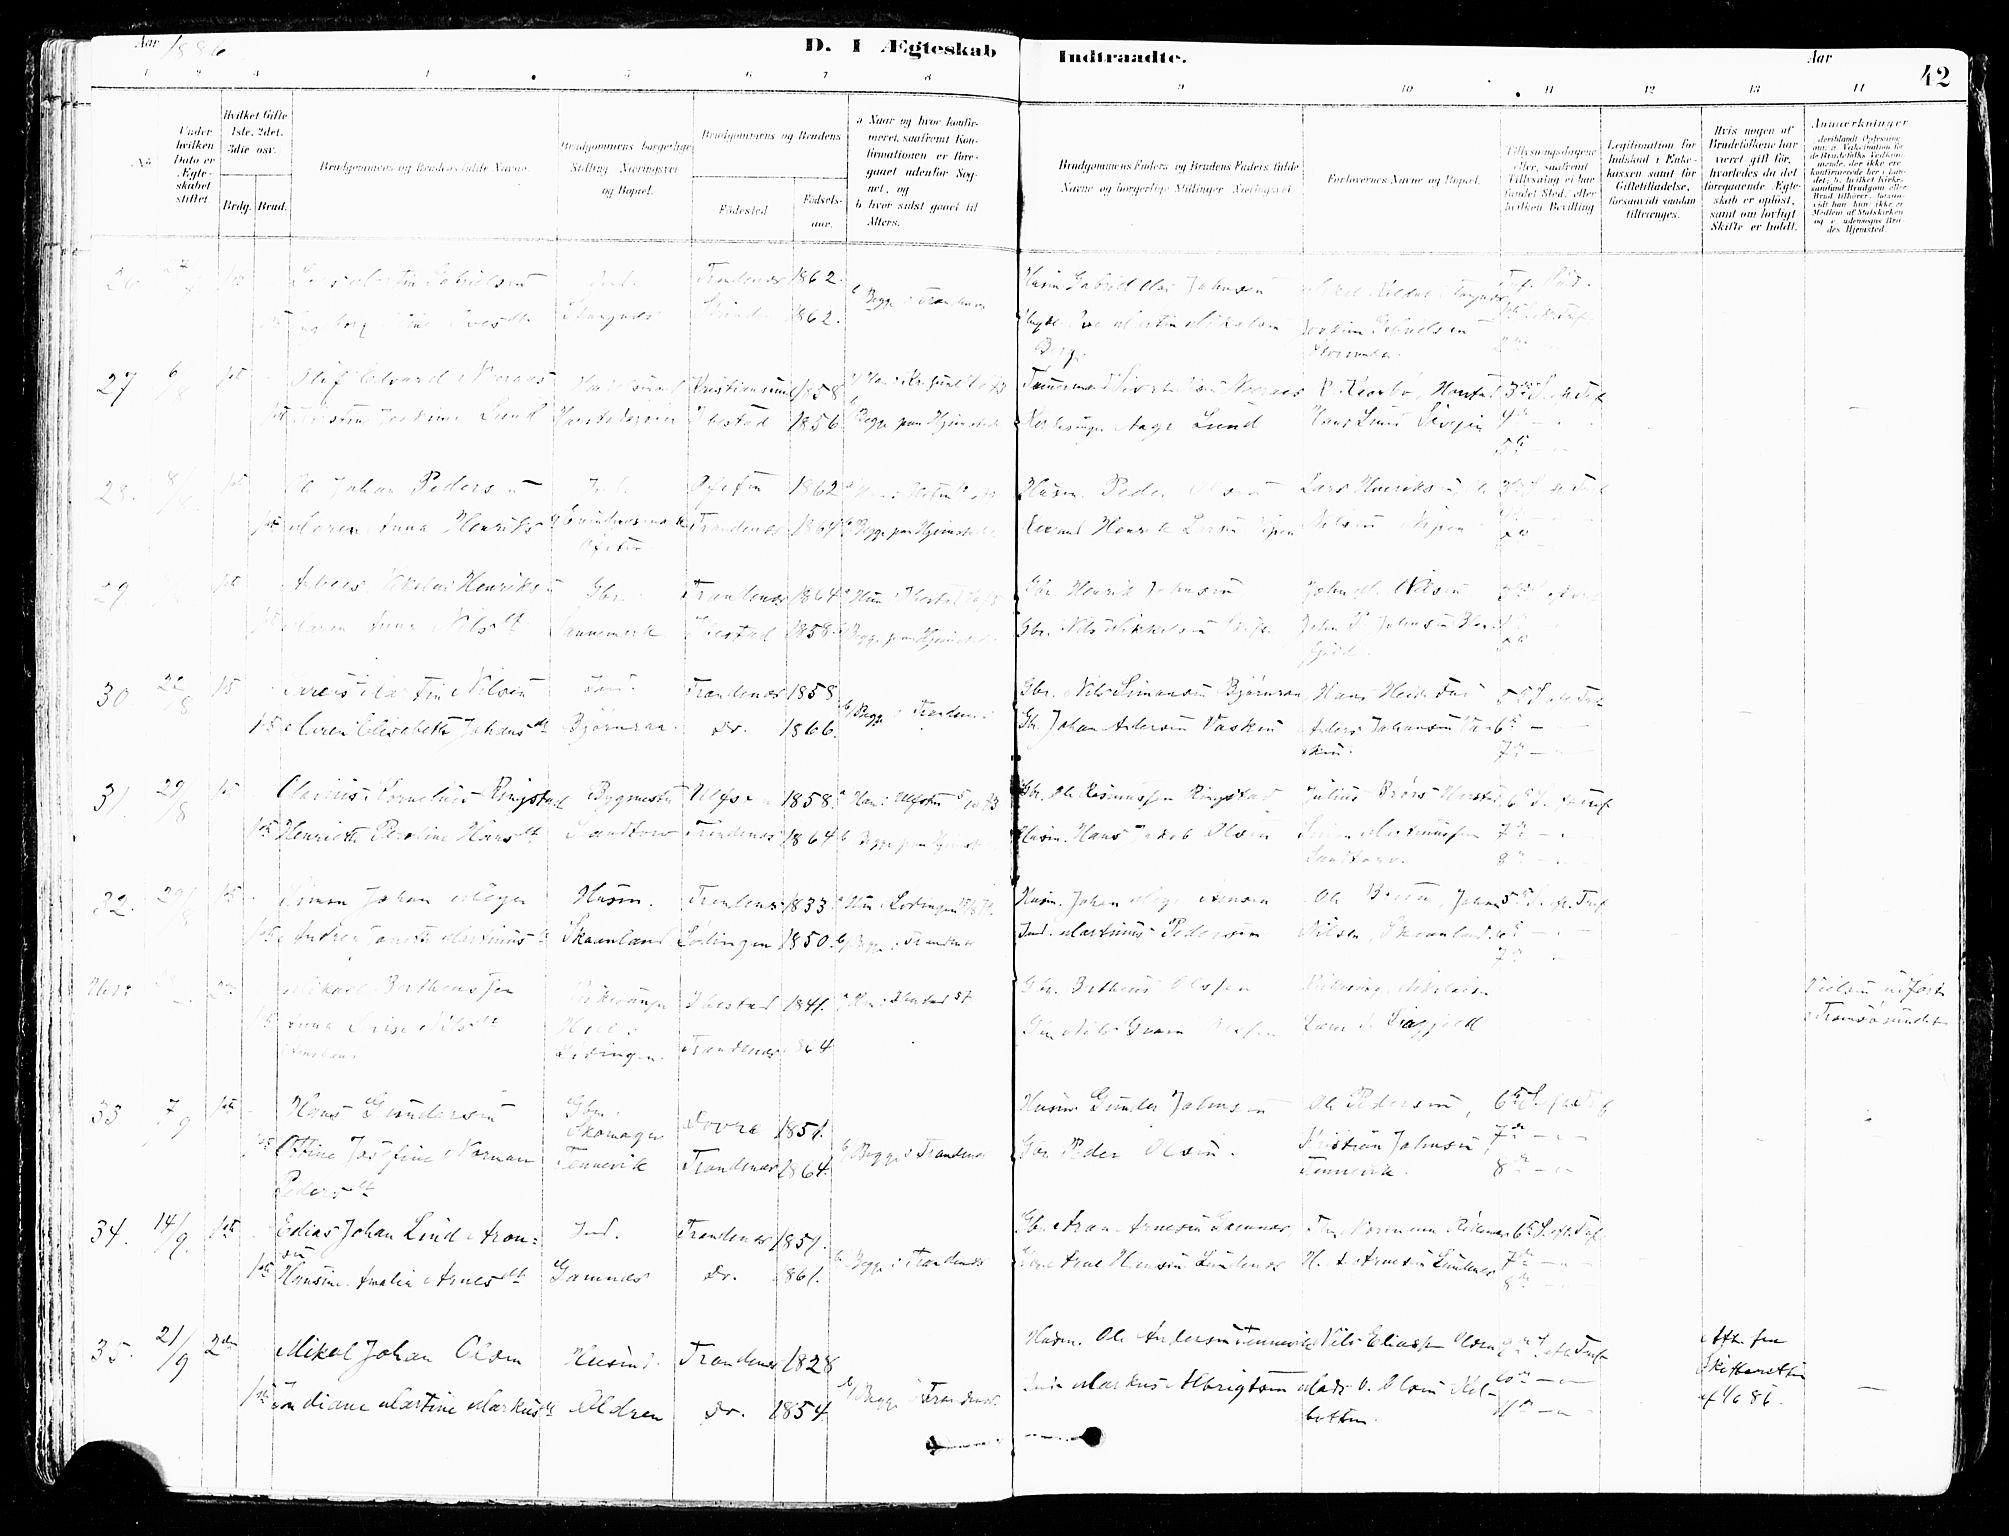 SATØ, Trondenes sokneprestkontor, H/Ha/L0015kirke: Ministerialbok nr. 15, 1878-1889, s. 42